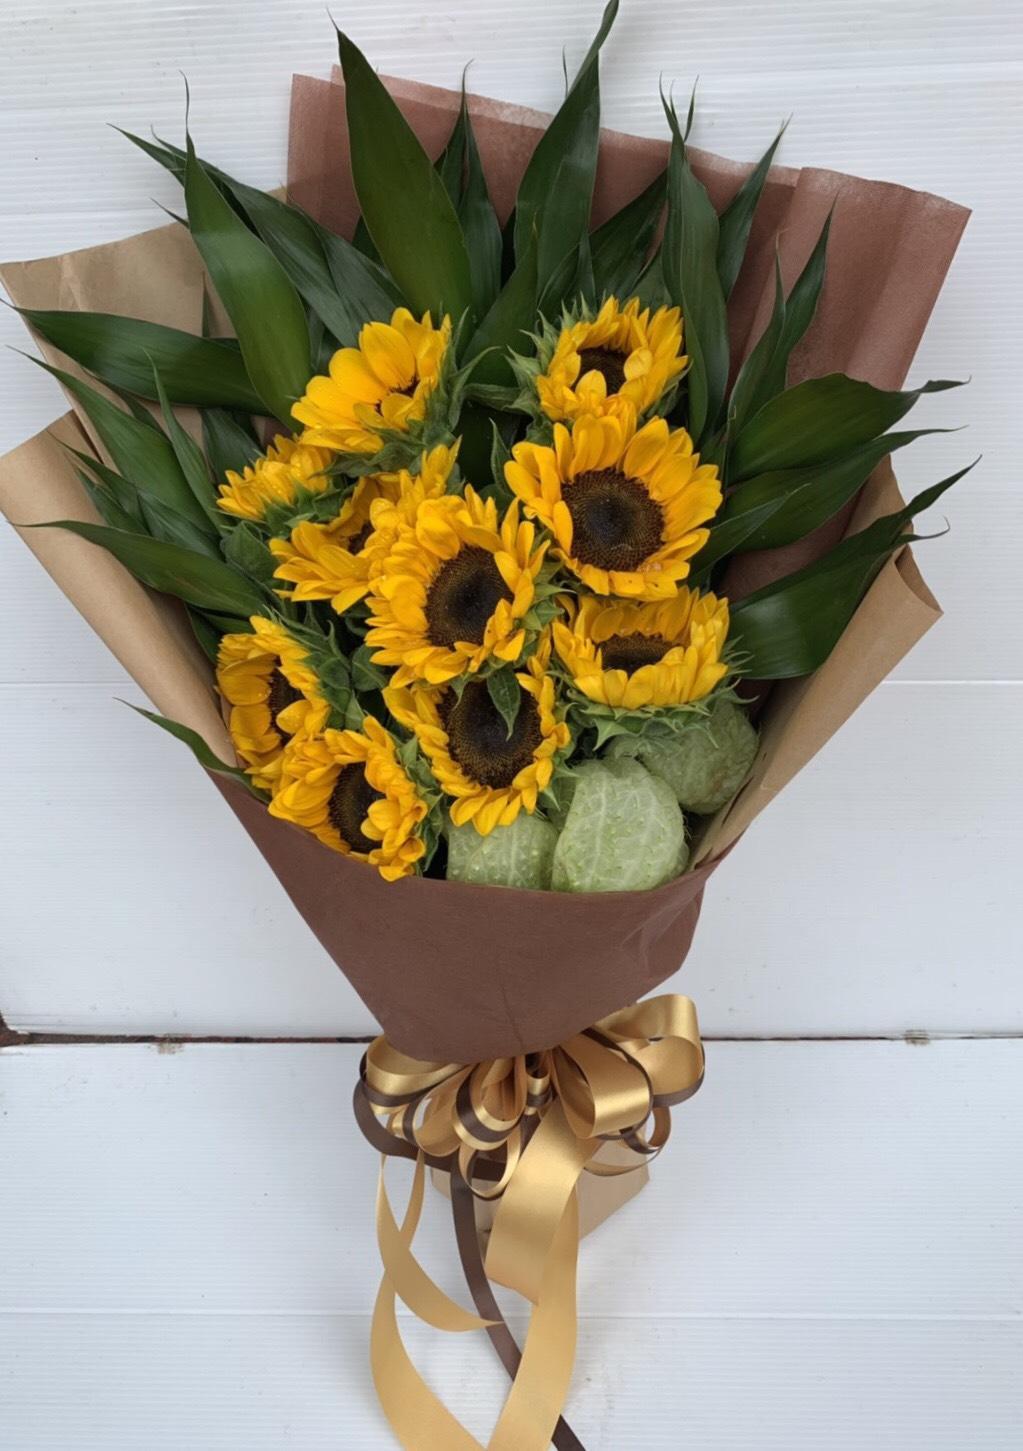 ช่อดอกทานตะวัน ช่อดอกไม้ที่เสริมสร้างกำลังใจในยามท้อแท้ให้กับคนสำคัญ